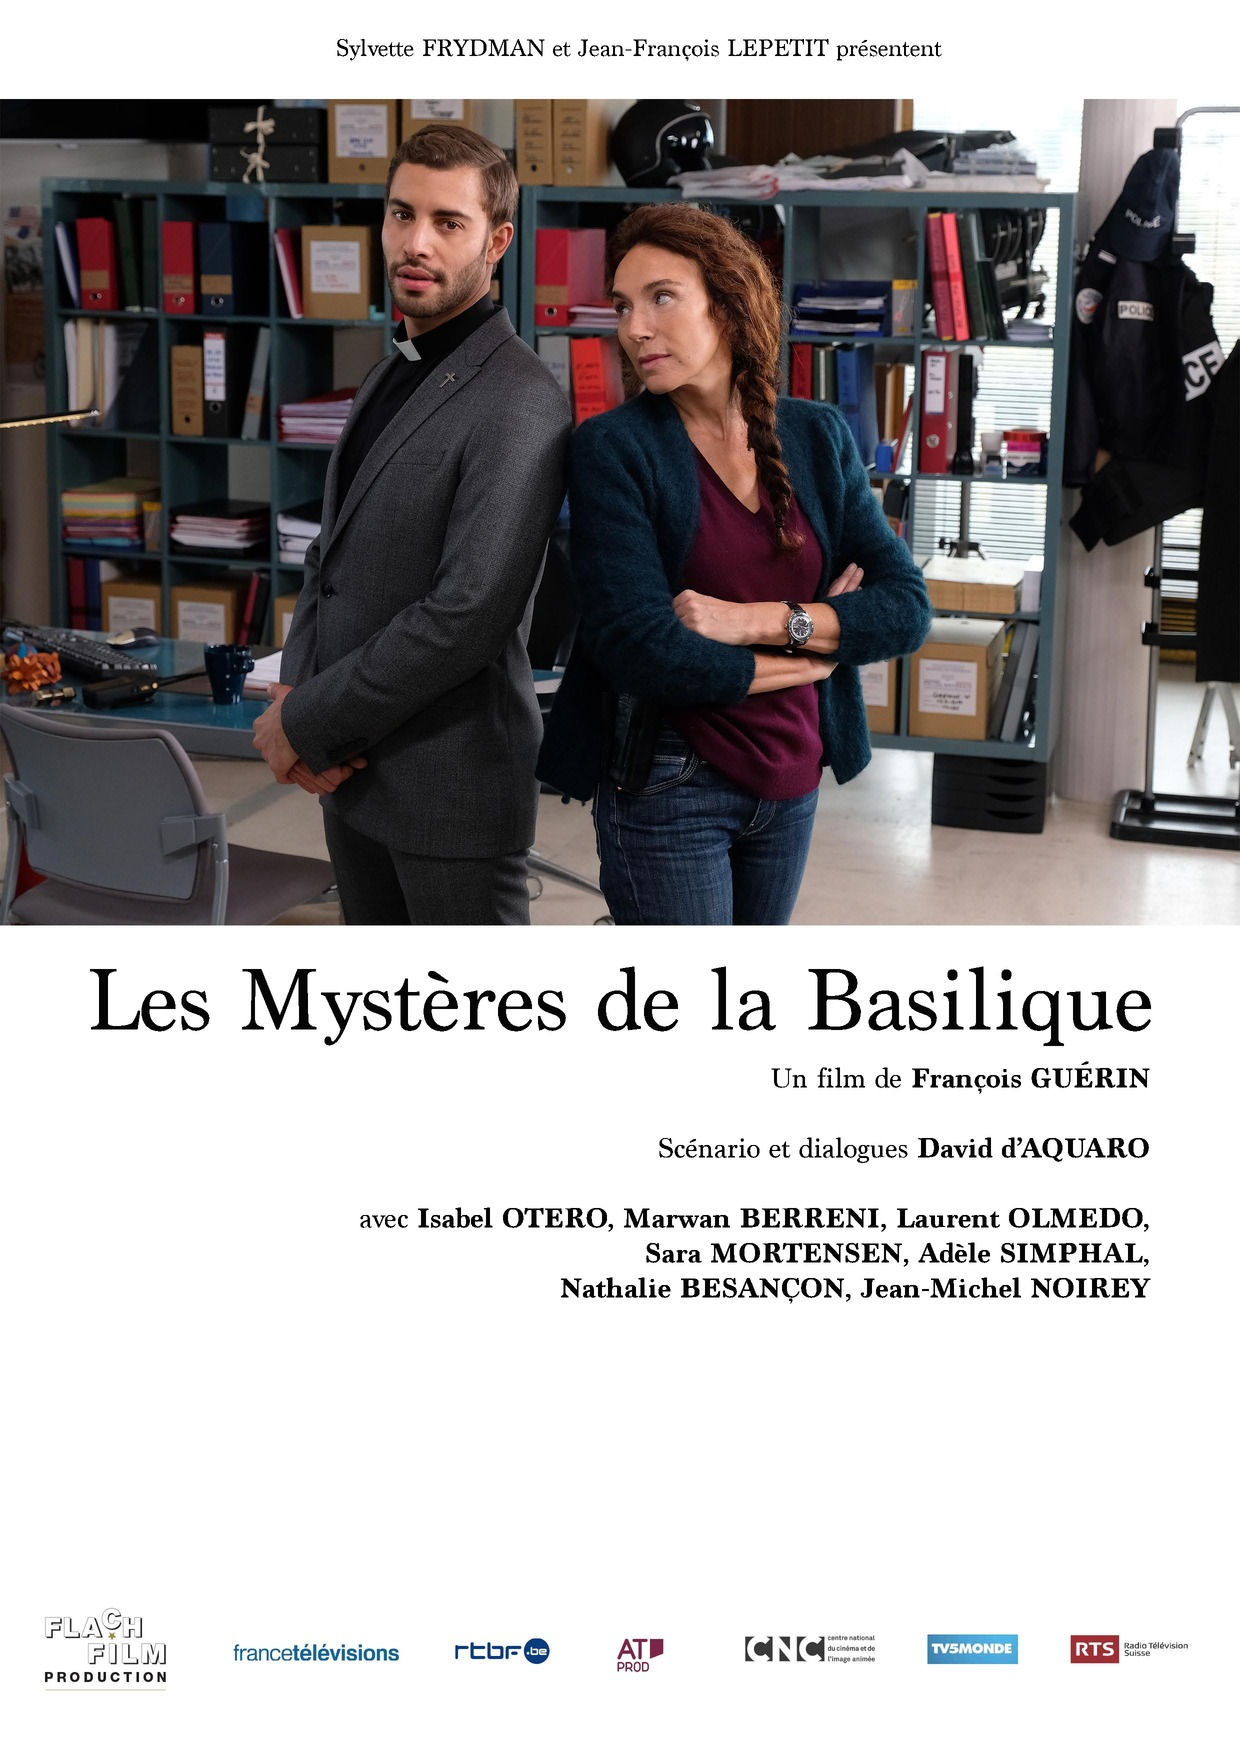 Les Mystères de la basilique (TV Movie 2018) - IMDb